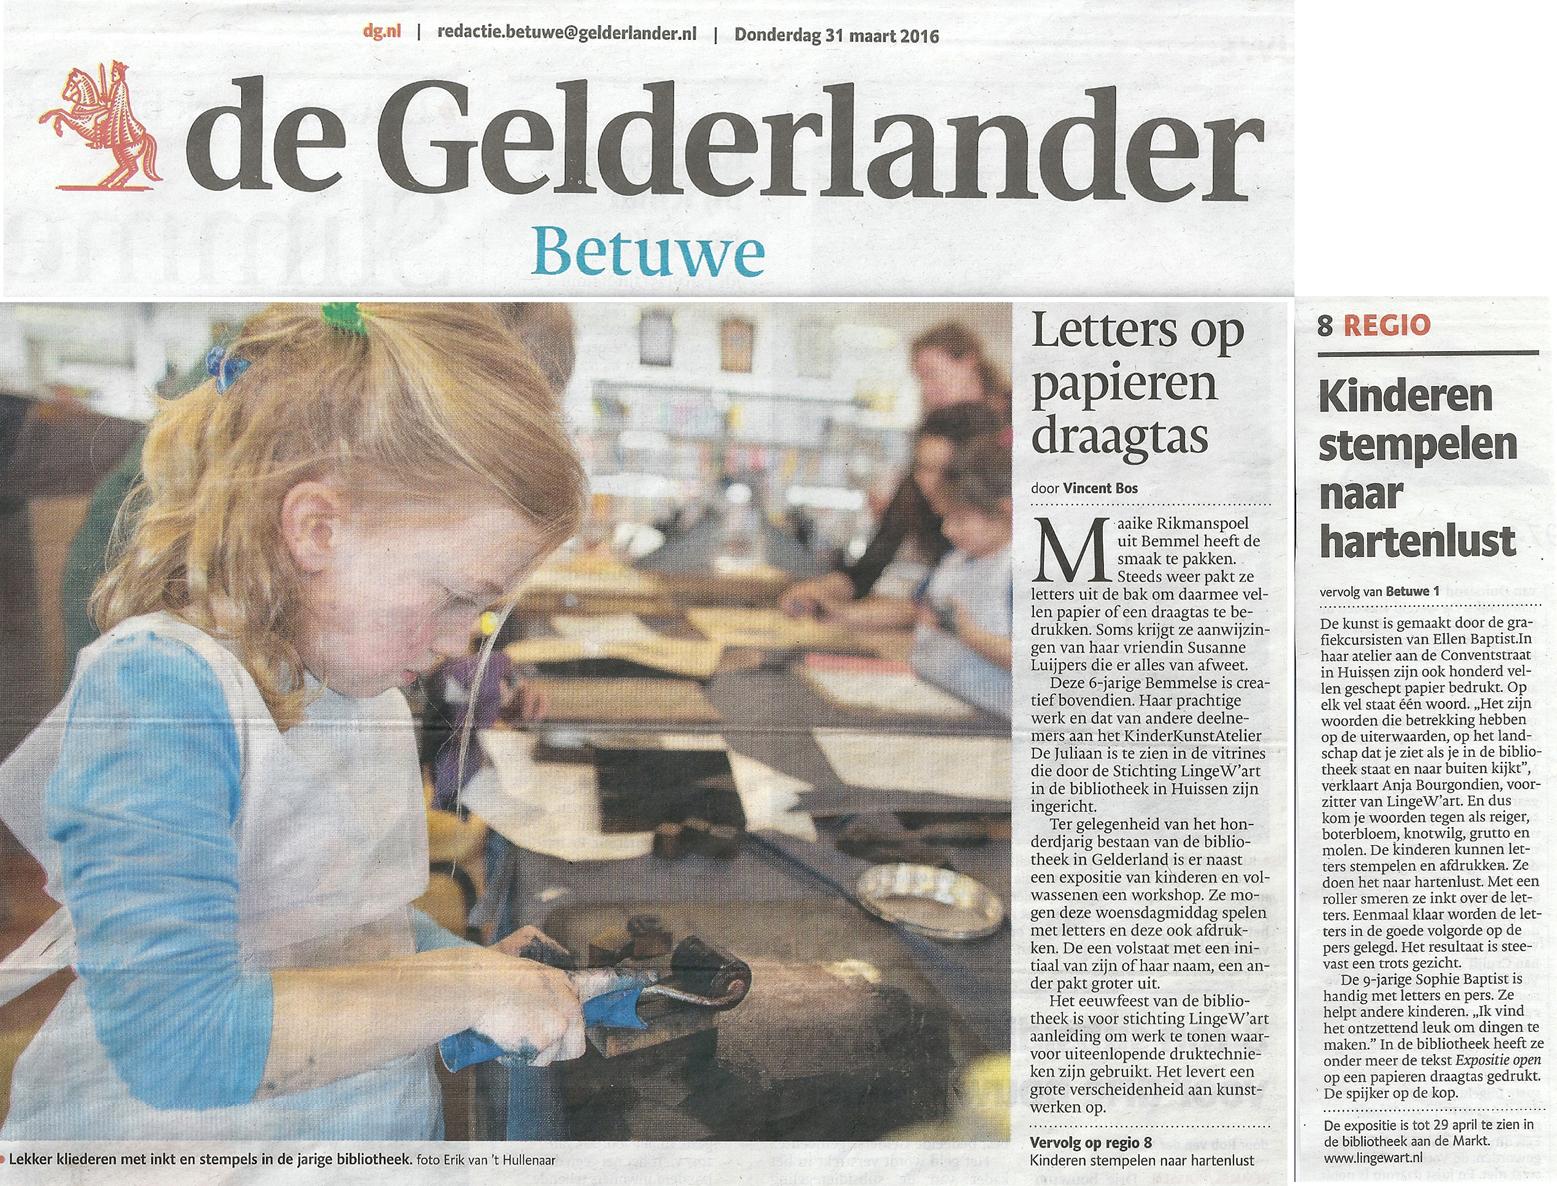 gelderlander letters op papieren draagtas kleiner